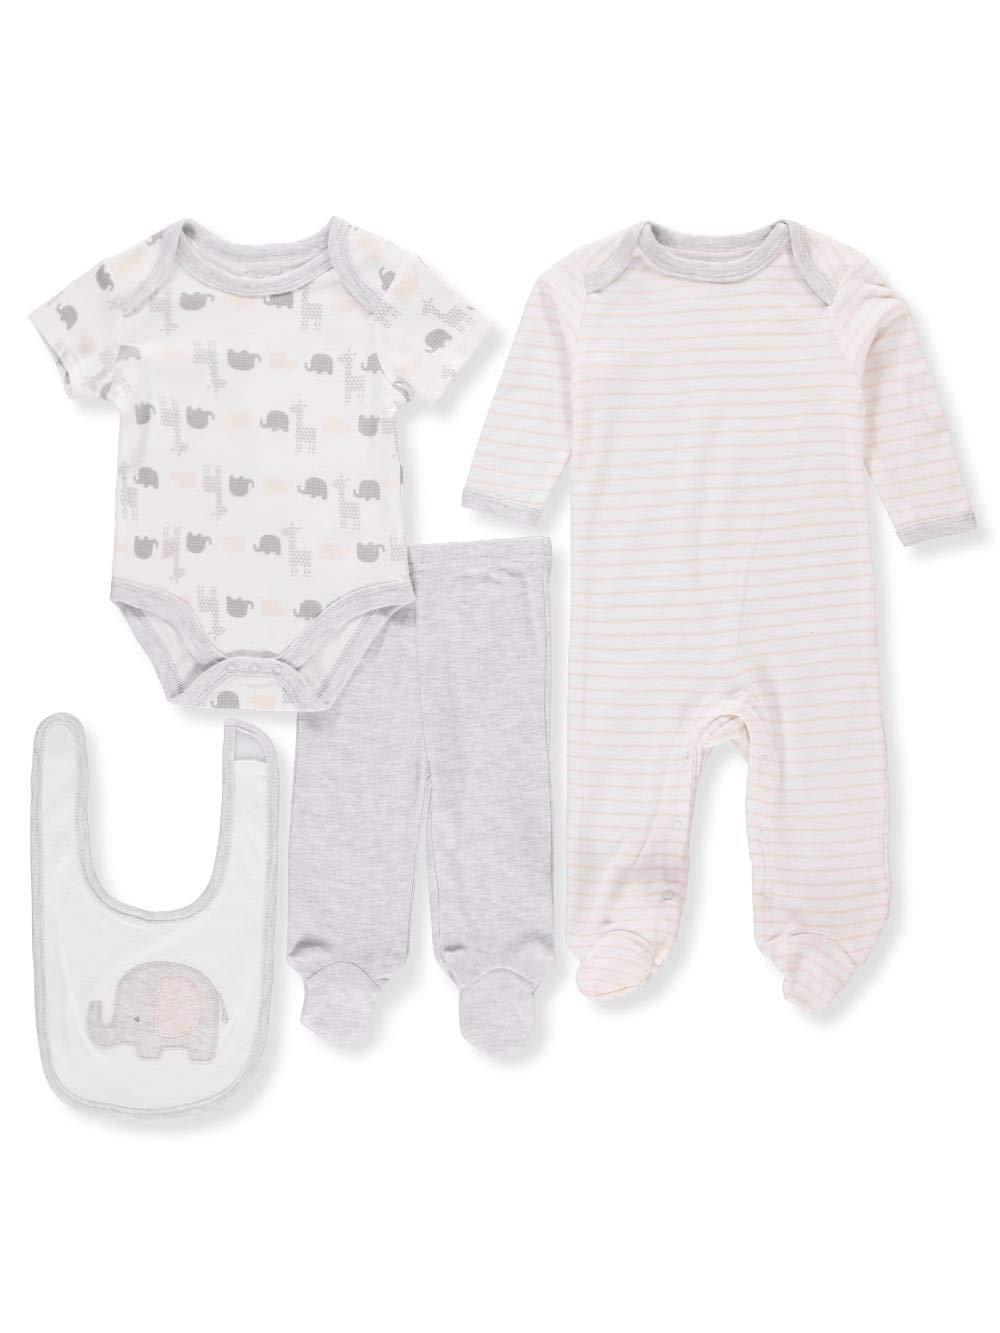 Ivory Pants Bib 3-6 Months Ren/é Rof/é 4 Piece Set Sleep /& Play Bodysuit